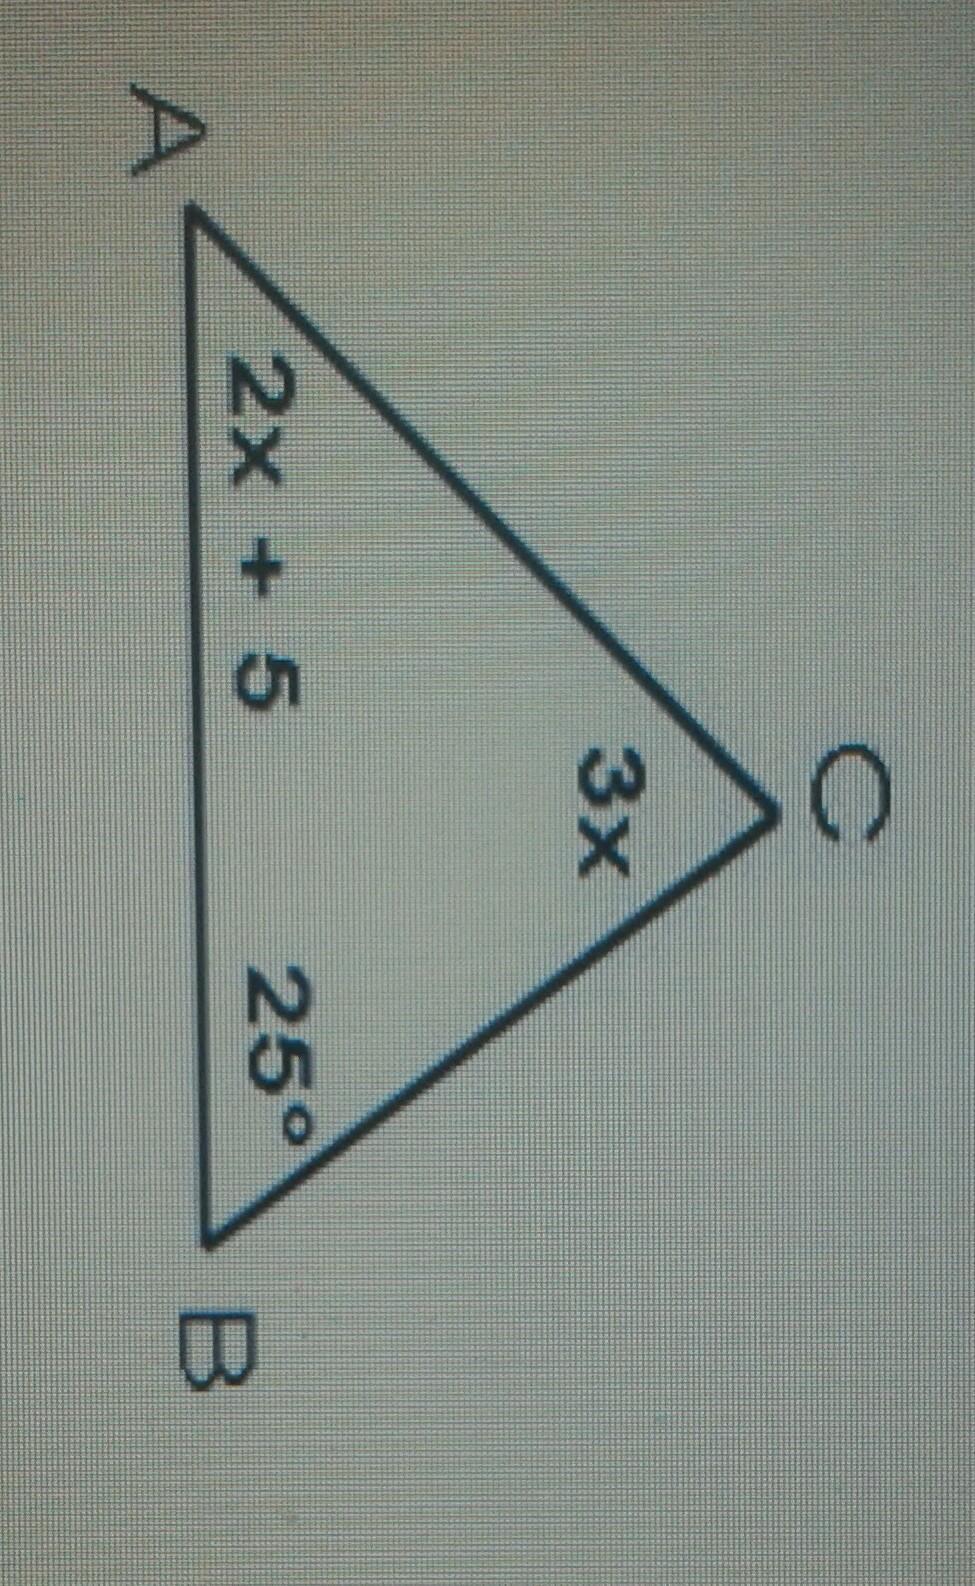 perhatikan gambar dibawah ini. besar sudut BAC adalah ...